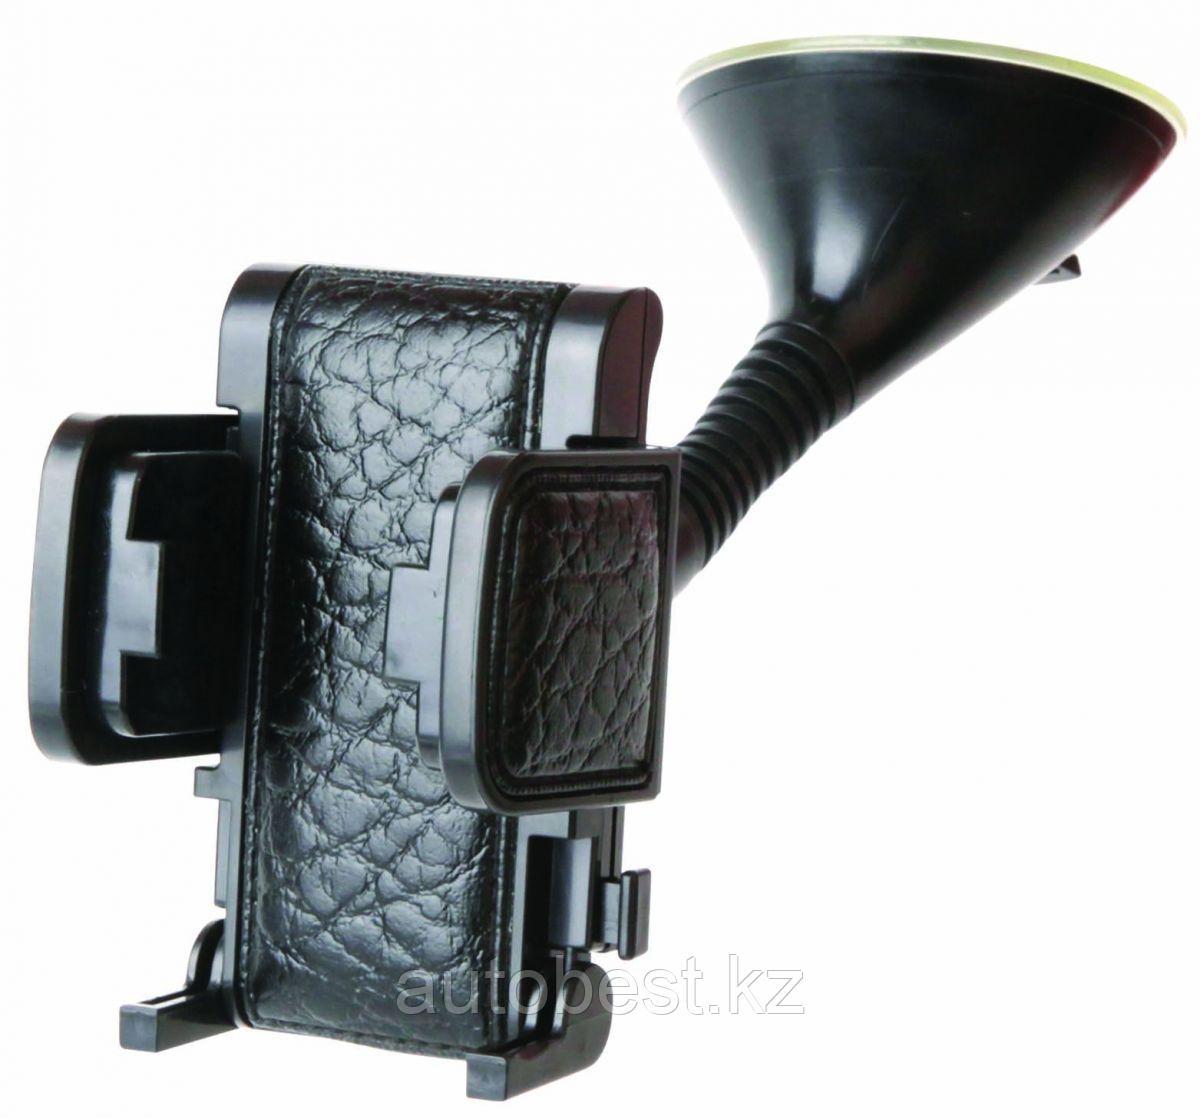 Держатель телескопический  AVS АН-4929-C для сотовых телефонов/КПК/GPS